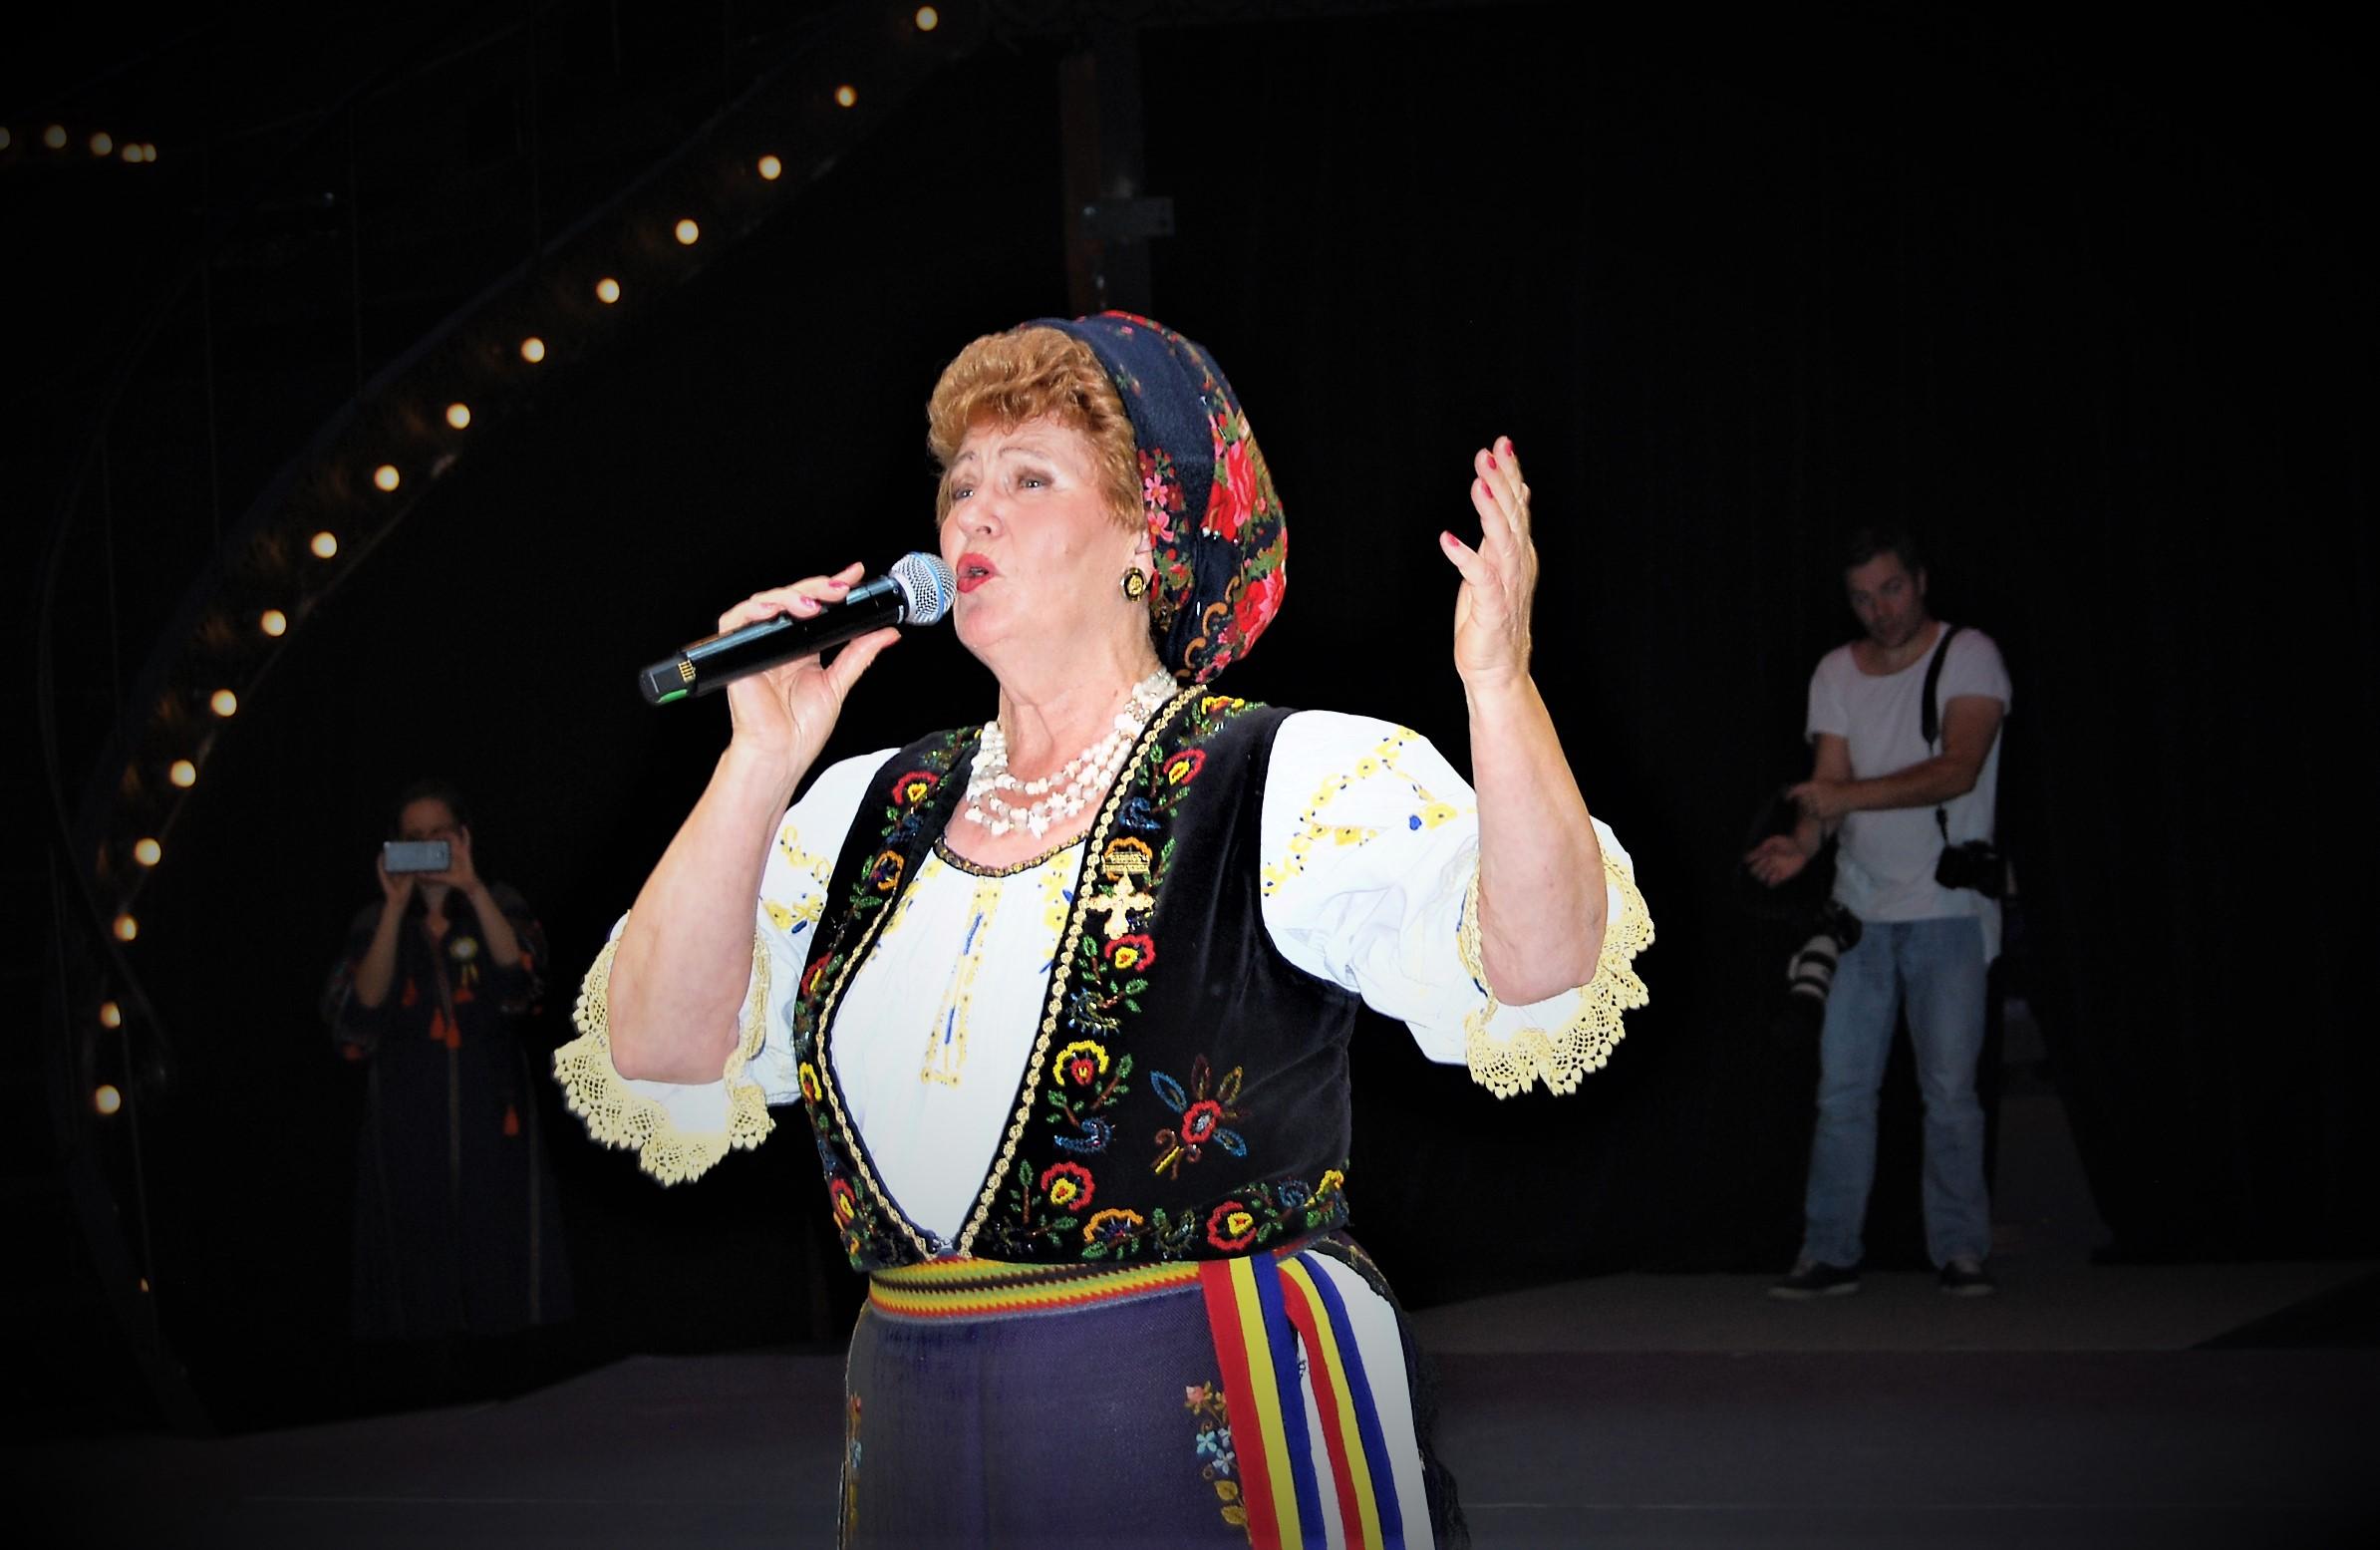 ROMÂNIA COPIILOR, ediție specială a CONIL Fest, Festivalul Integrării